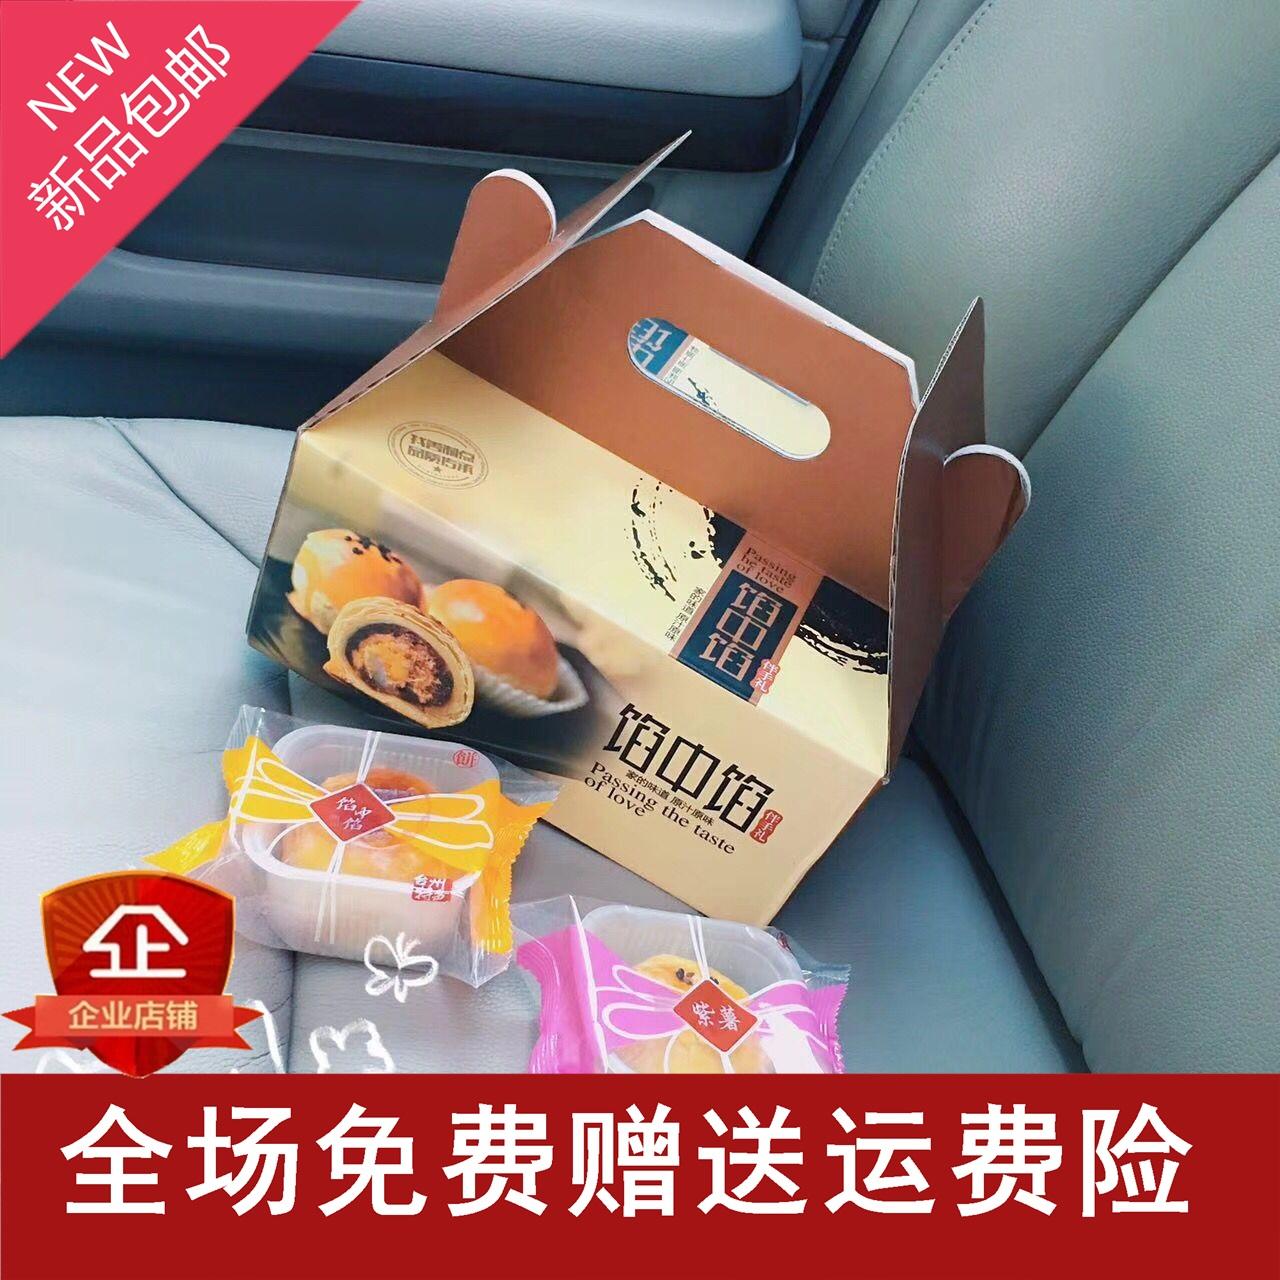 新鲜馅中馅蛋黄酥多口味工月饼豆沙8个装紫薯手工礼盒新鲜台州